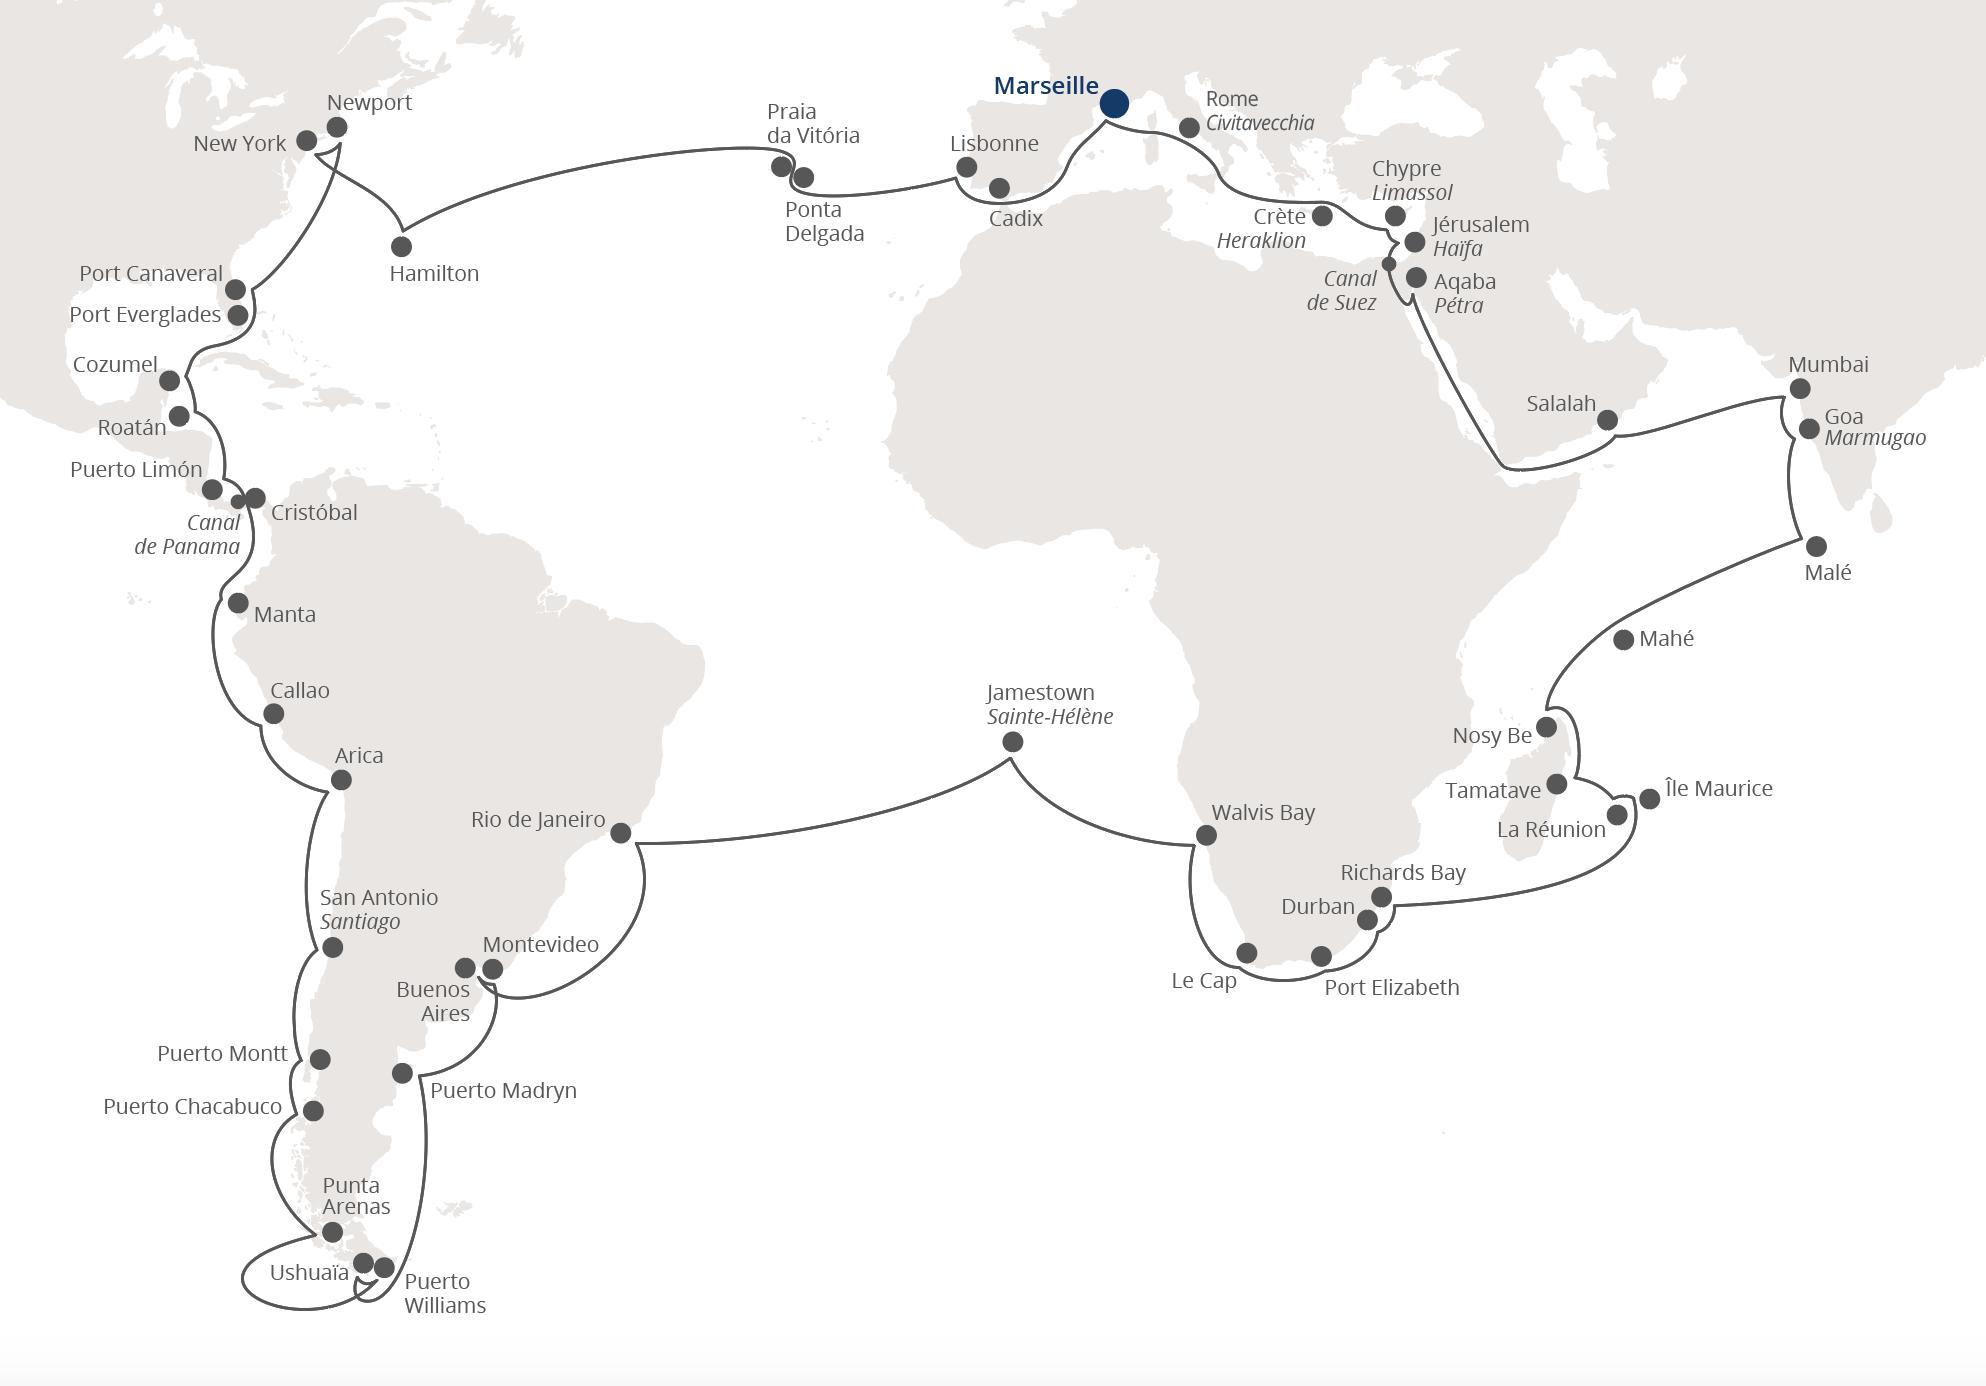 Itinéraire du tour du monde Costa Croisières 2021